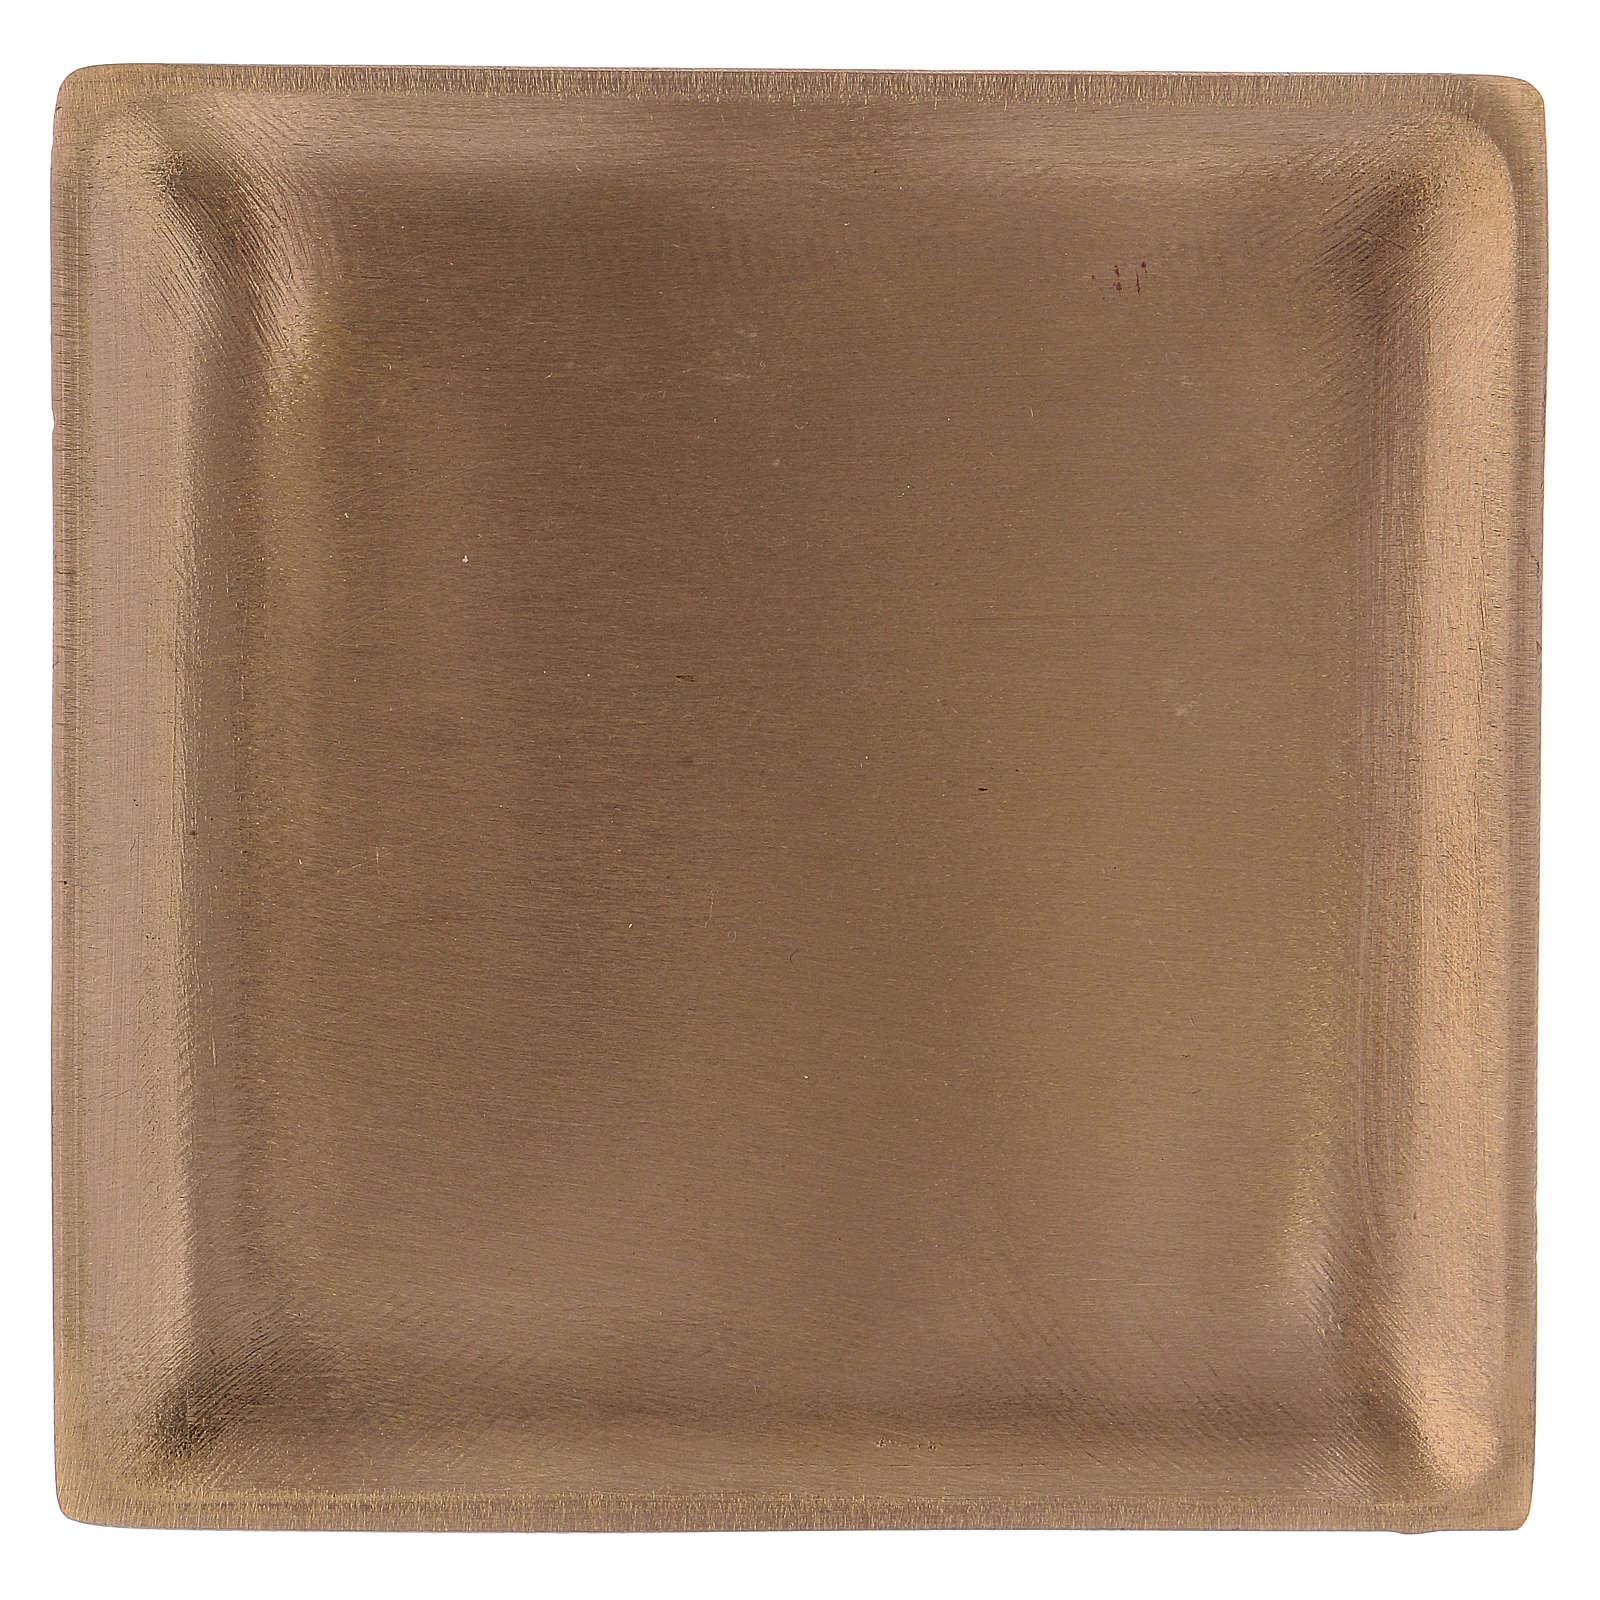 Piattino portacandela in ottone dorato satinato quadrato  3